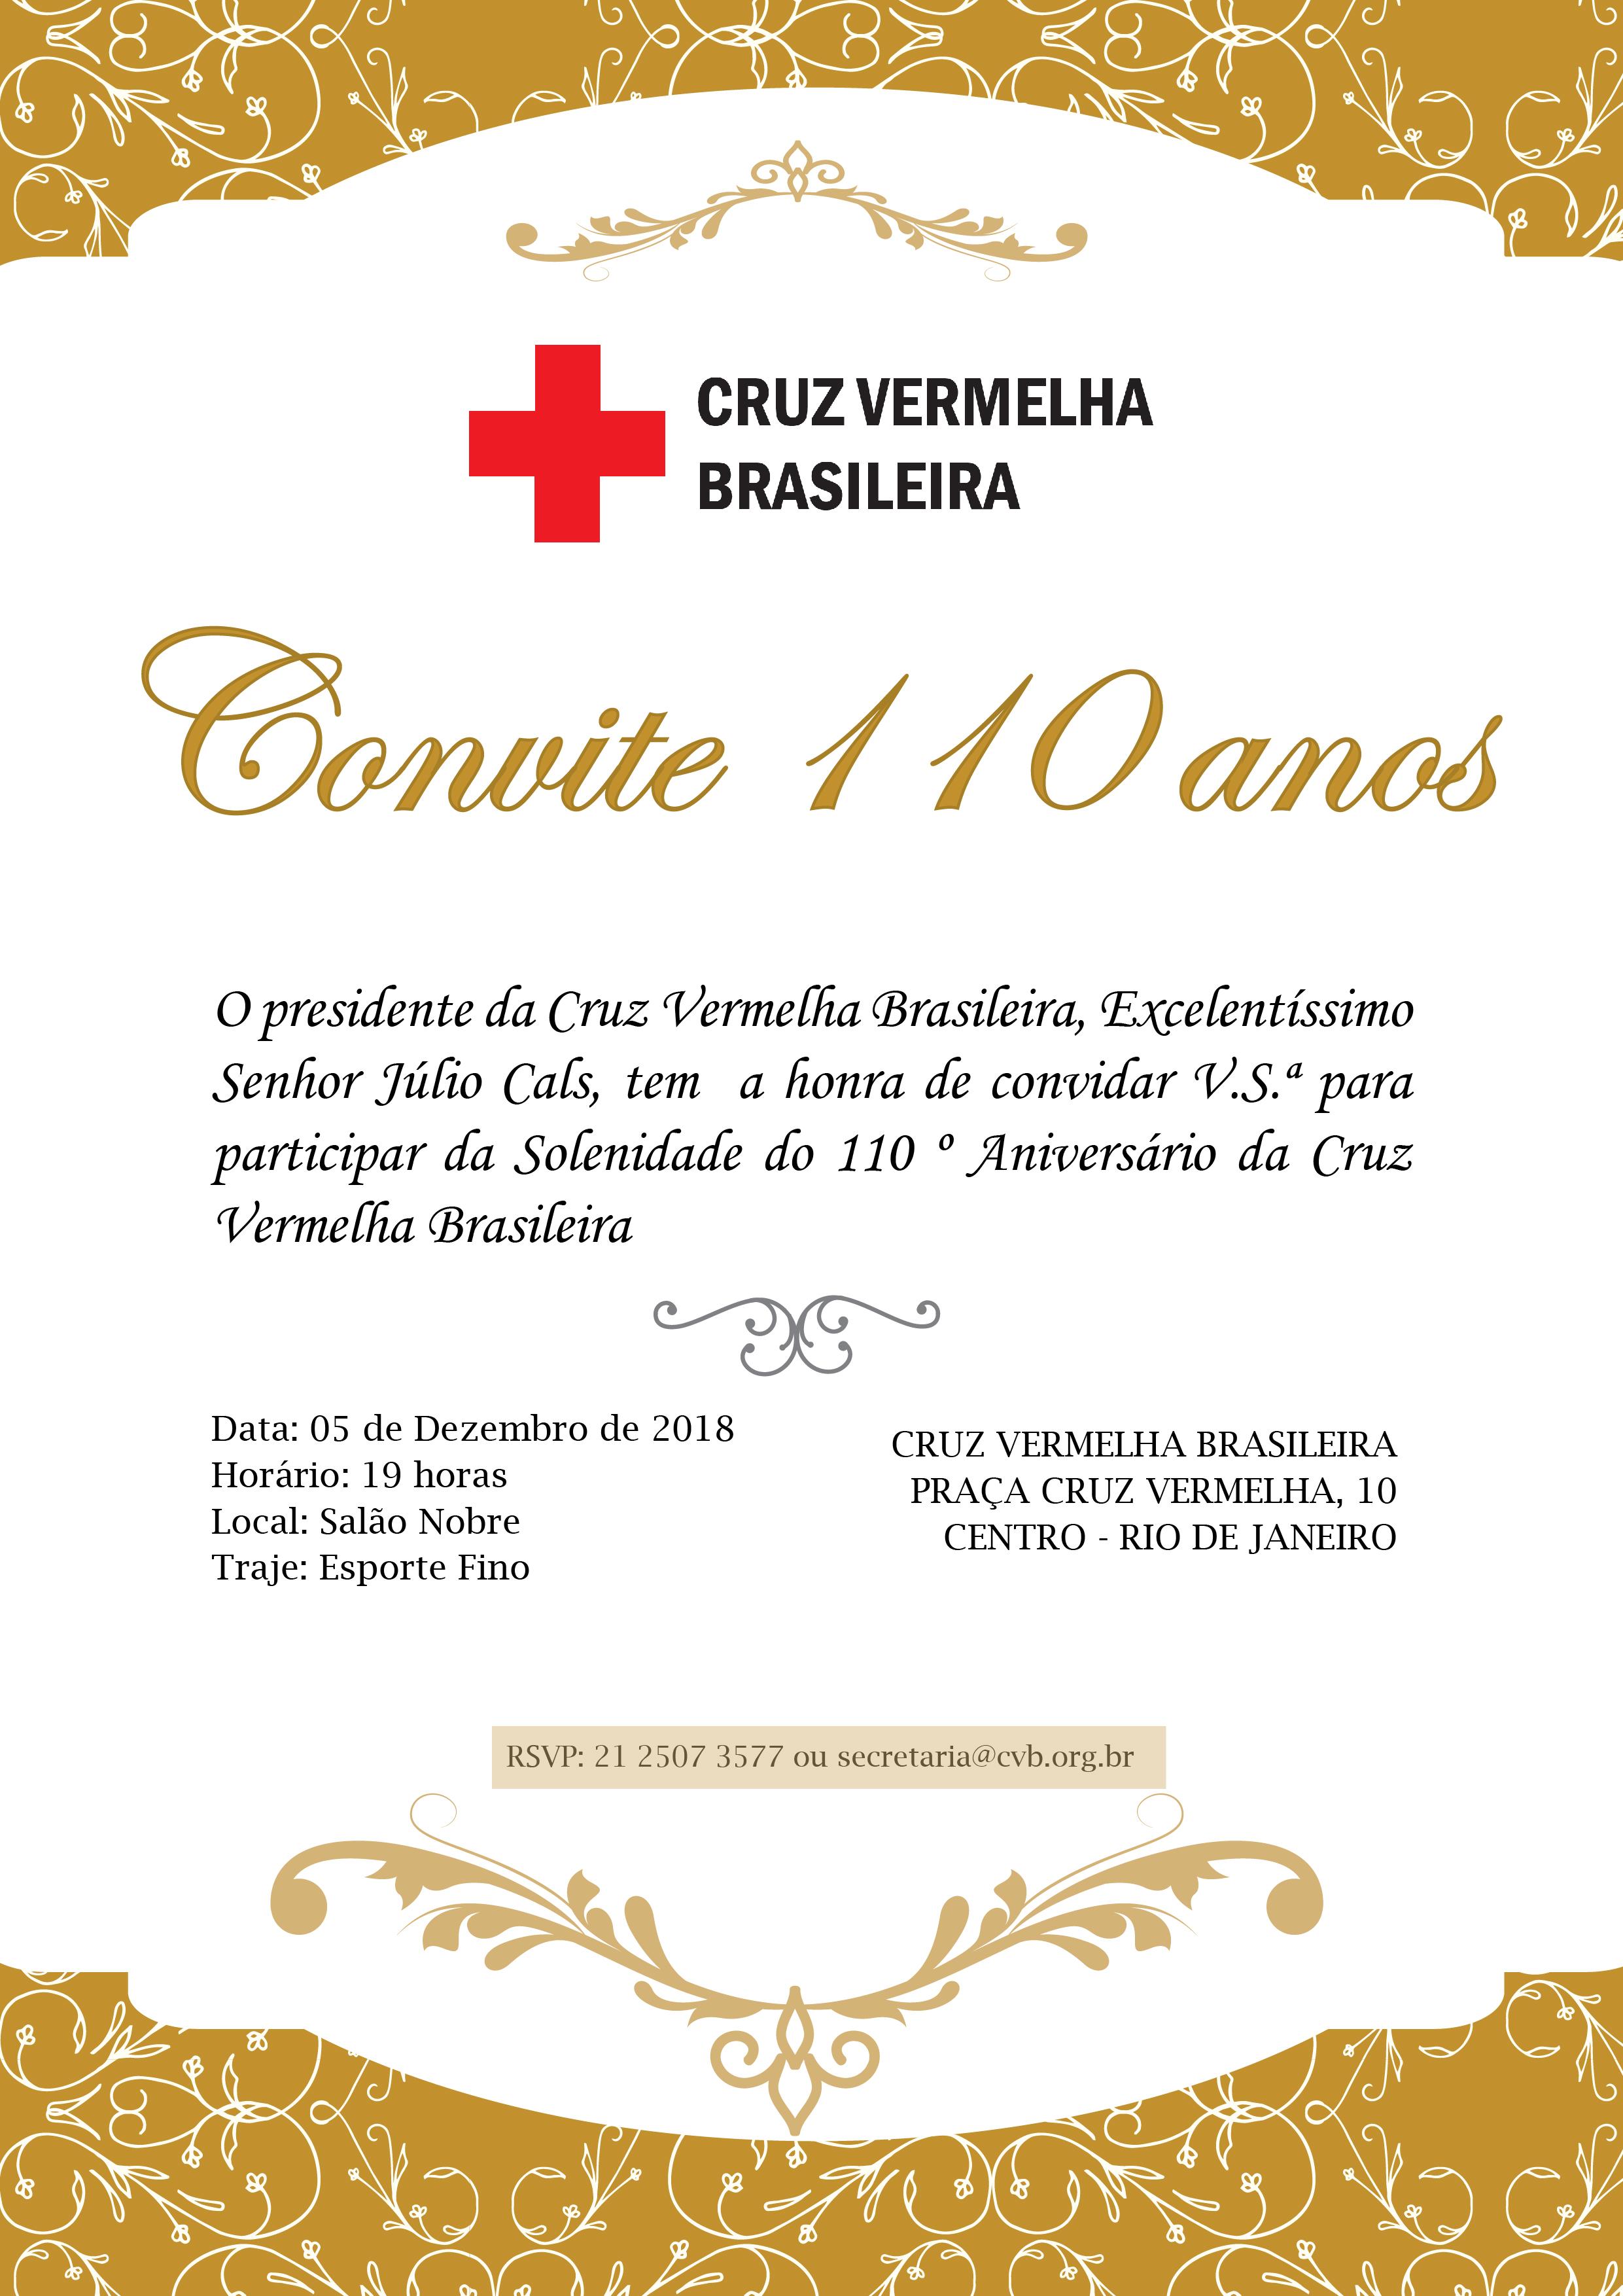 Convite 110 anos CVB.v2-FINAL-01